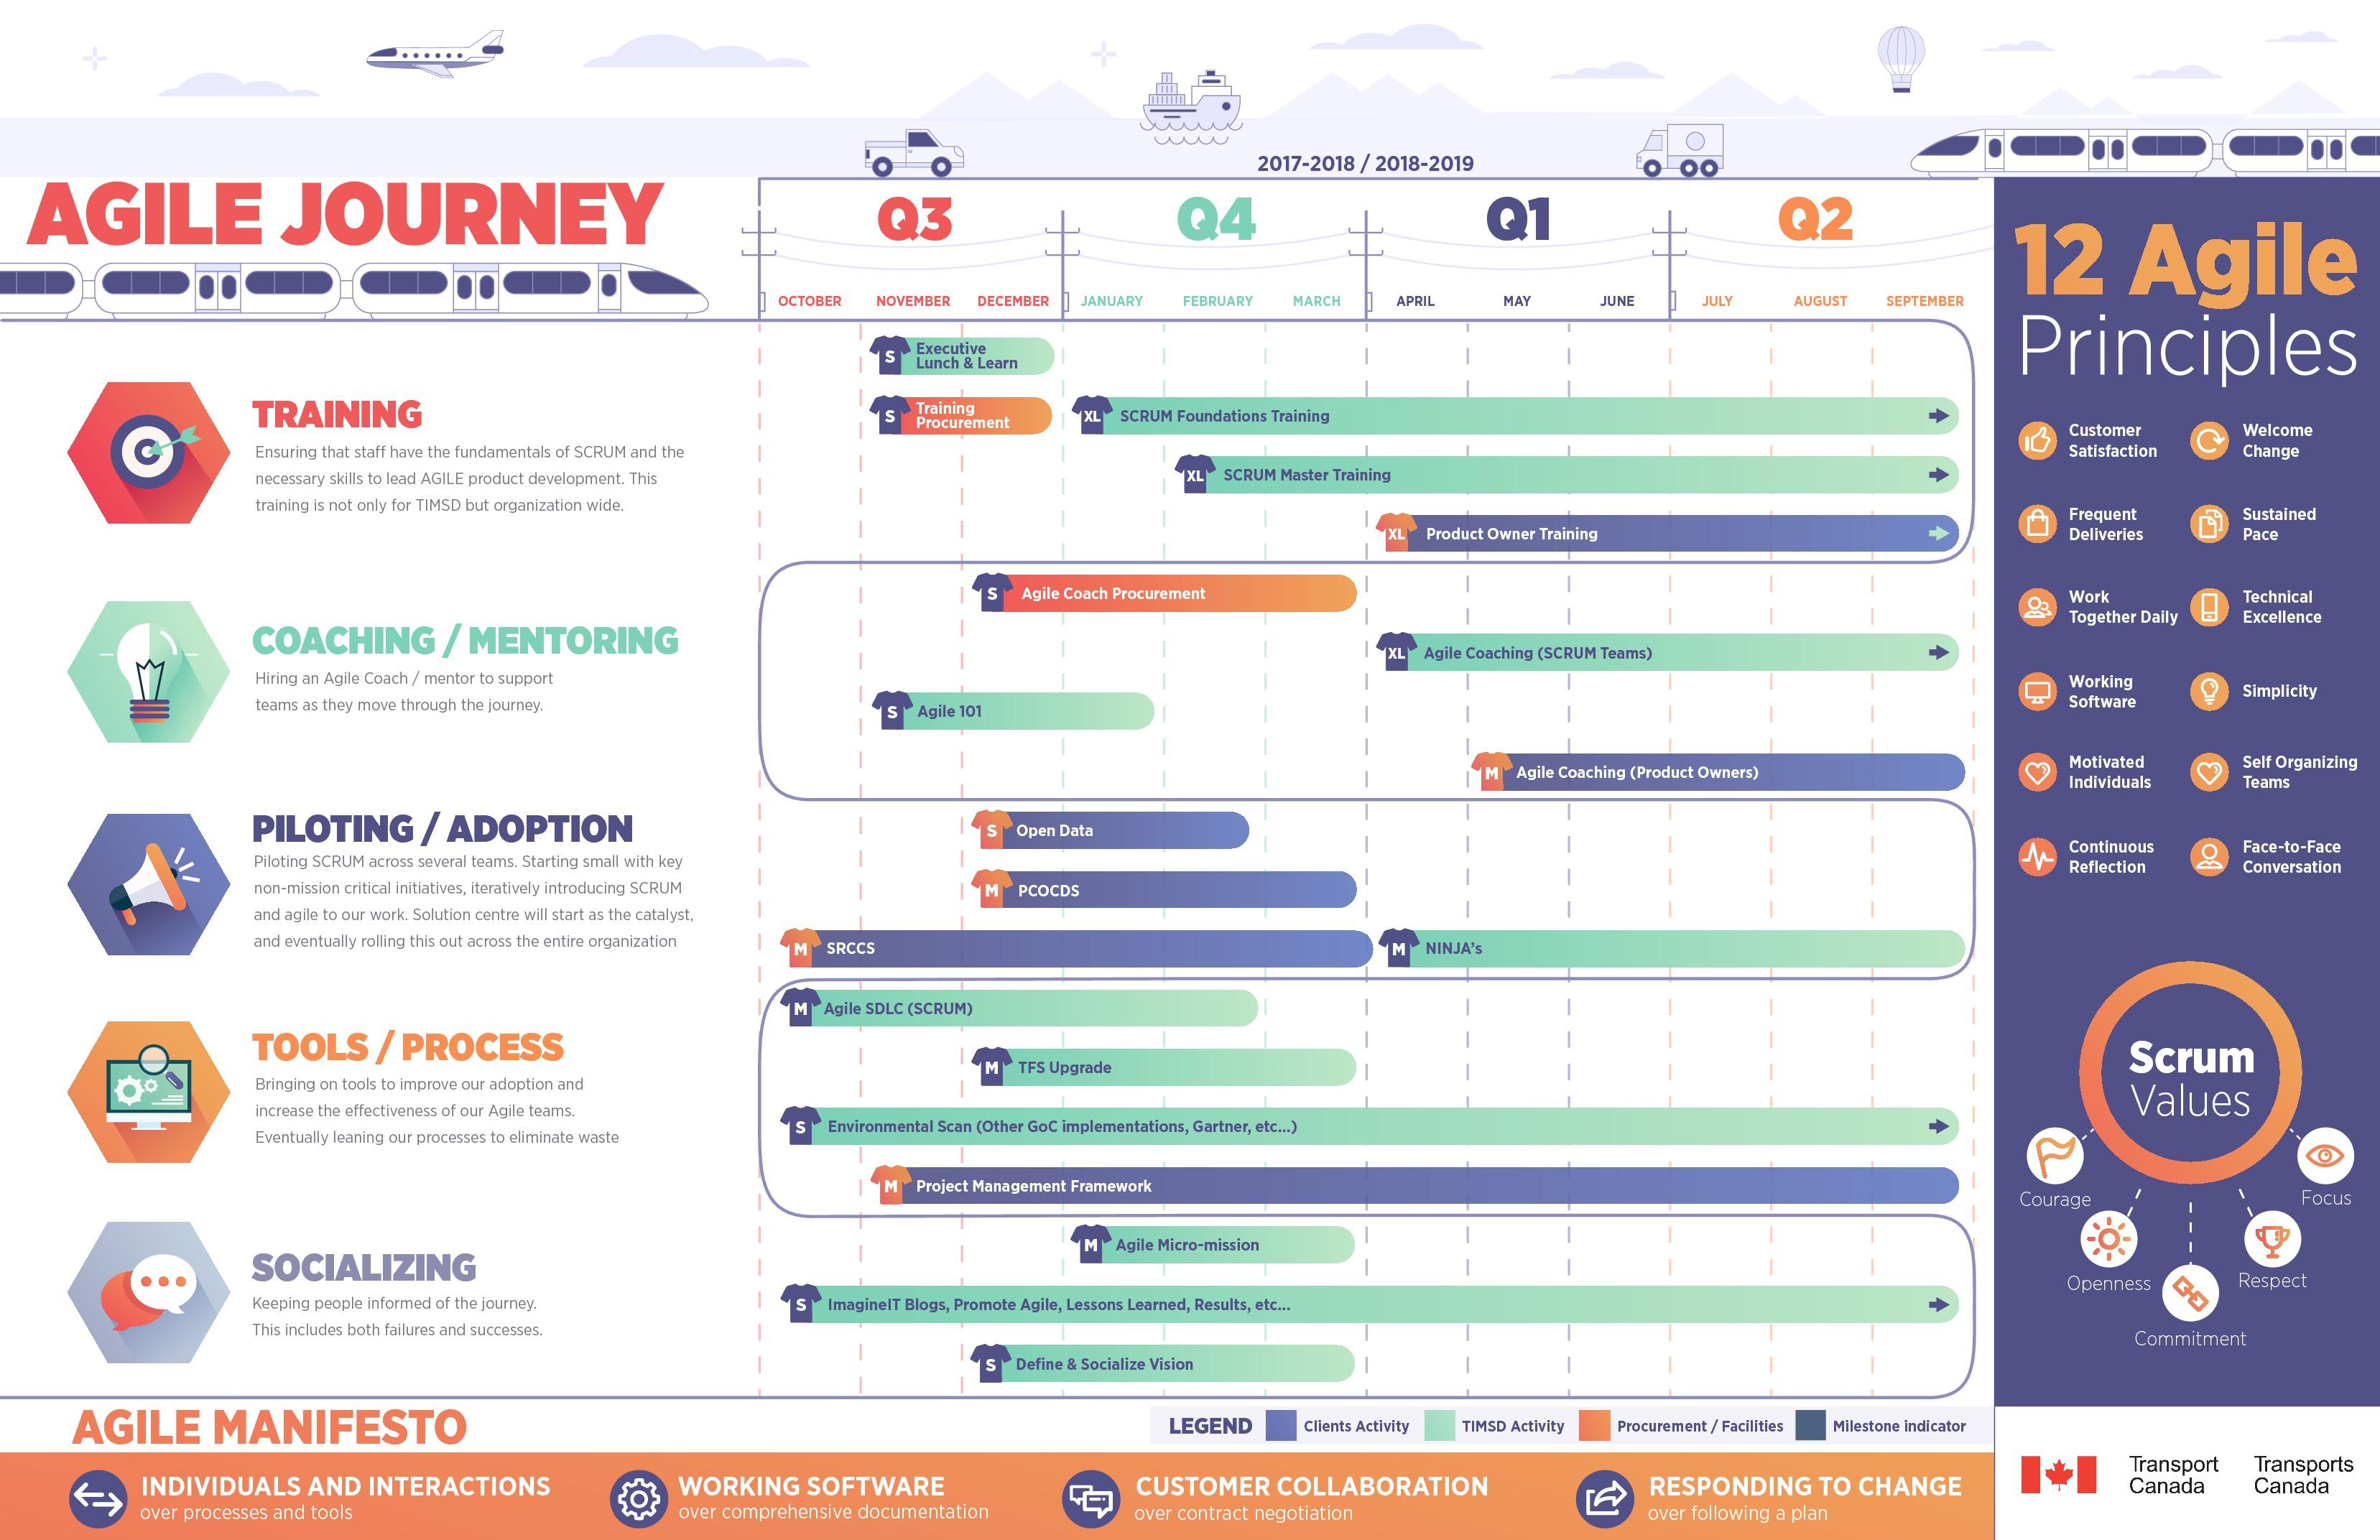 Transport Canada Agile Journey